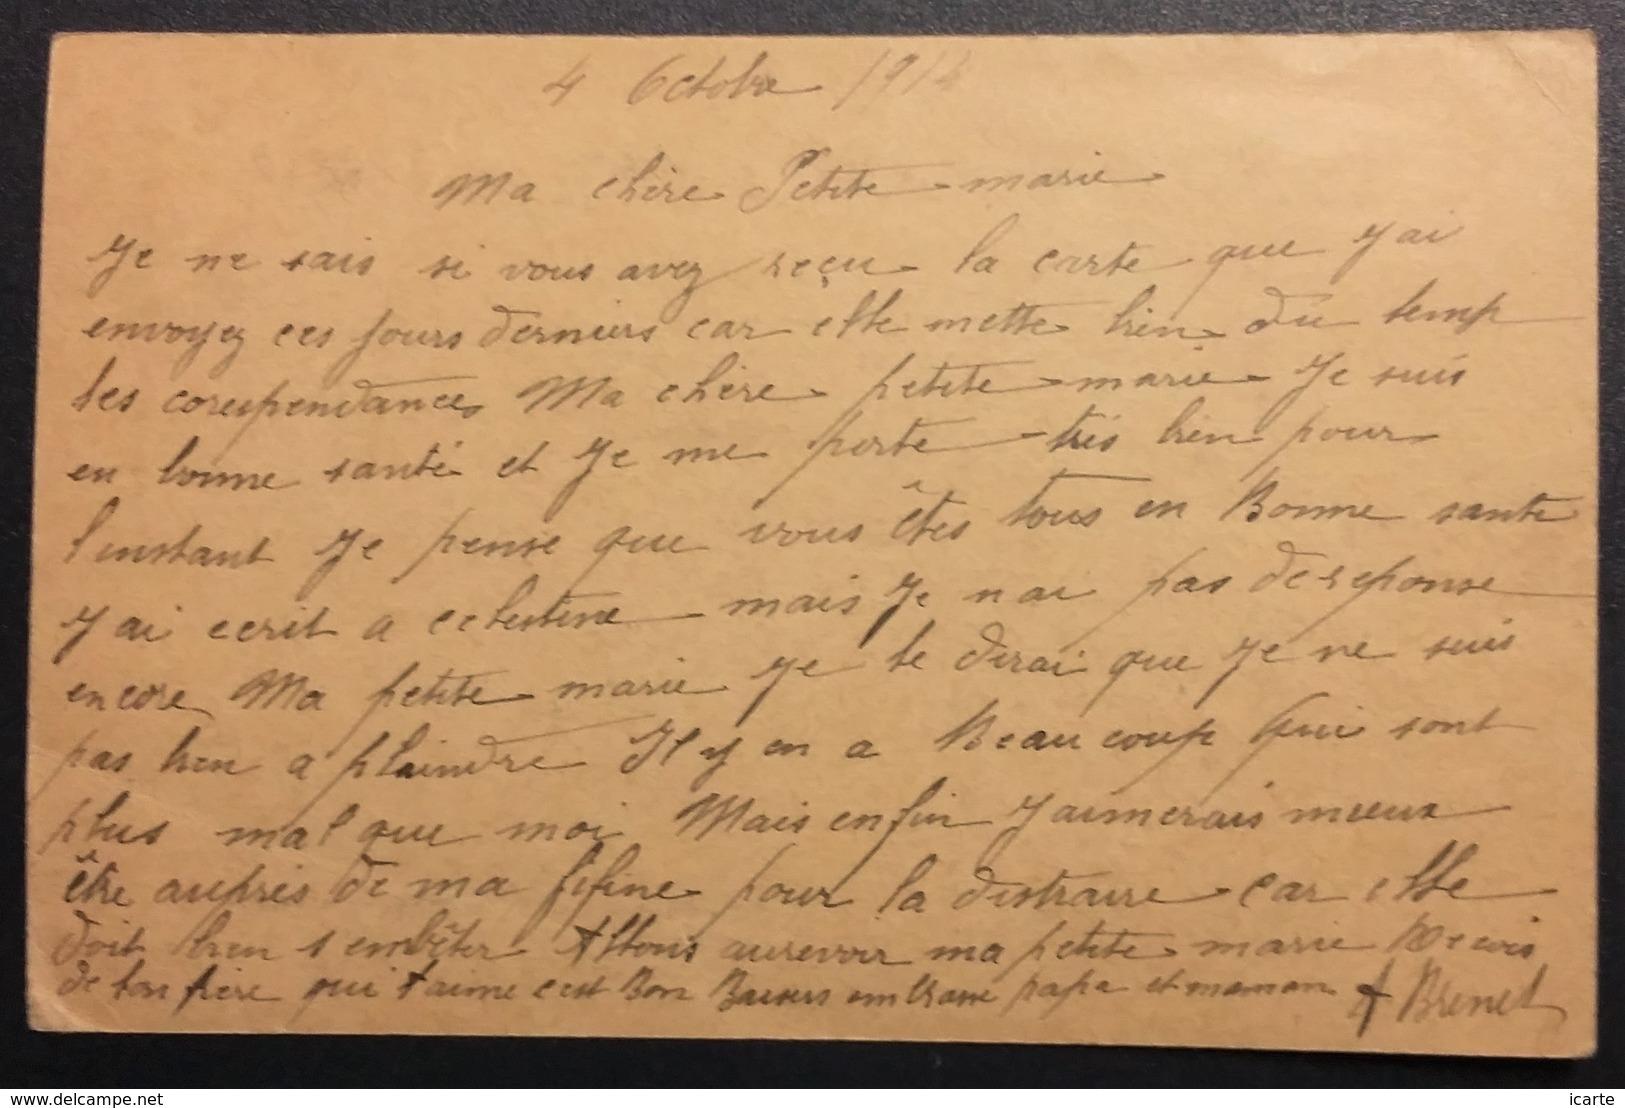 Carte De Franchise Militaire Carton Brun Clair Vers Le Pin Deux-Sèvres Octobre 1914 - Marcophilie (Lettres)